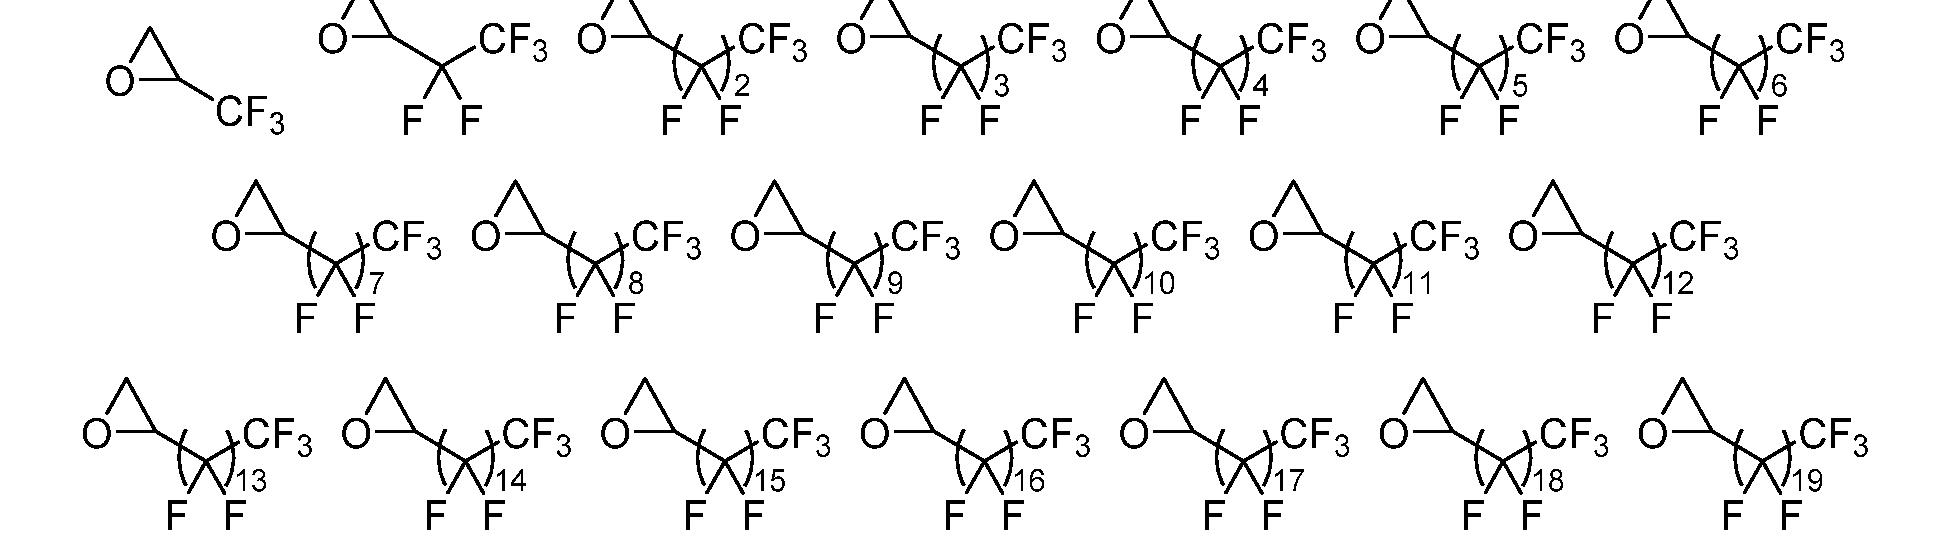 Figure imgf000136_0005